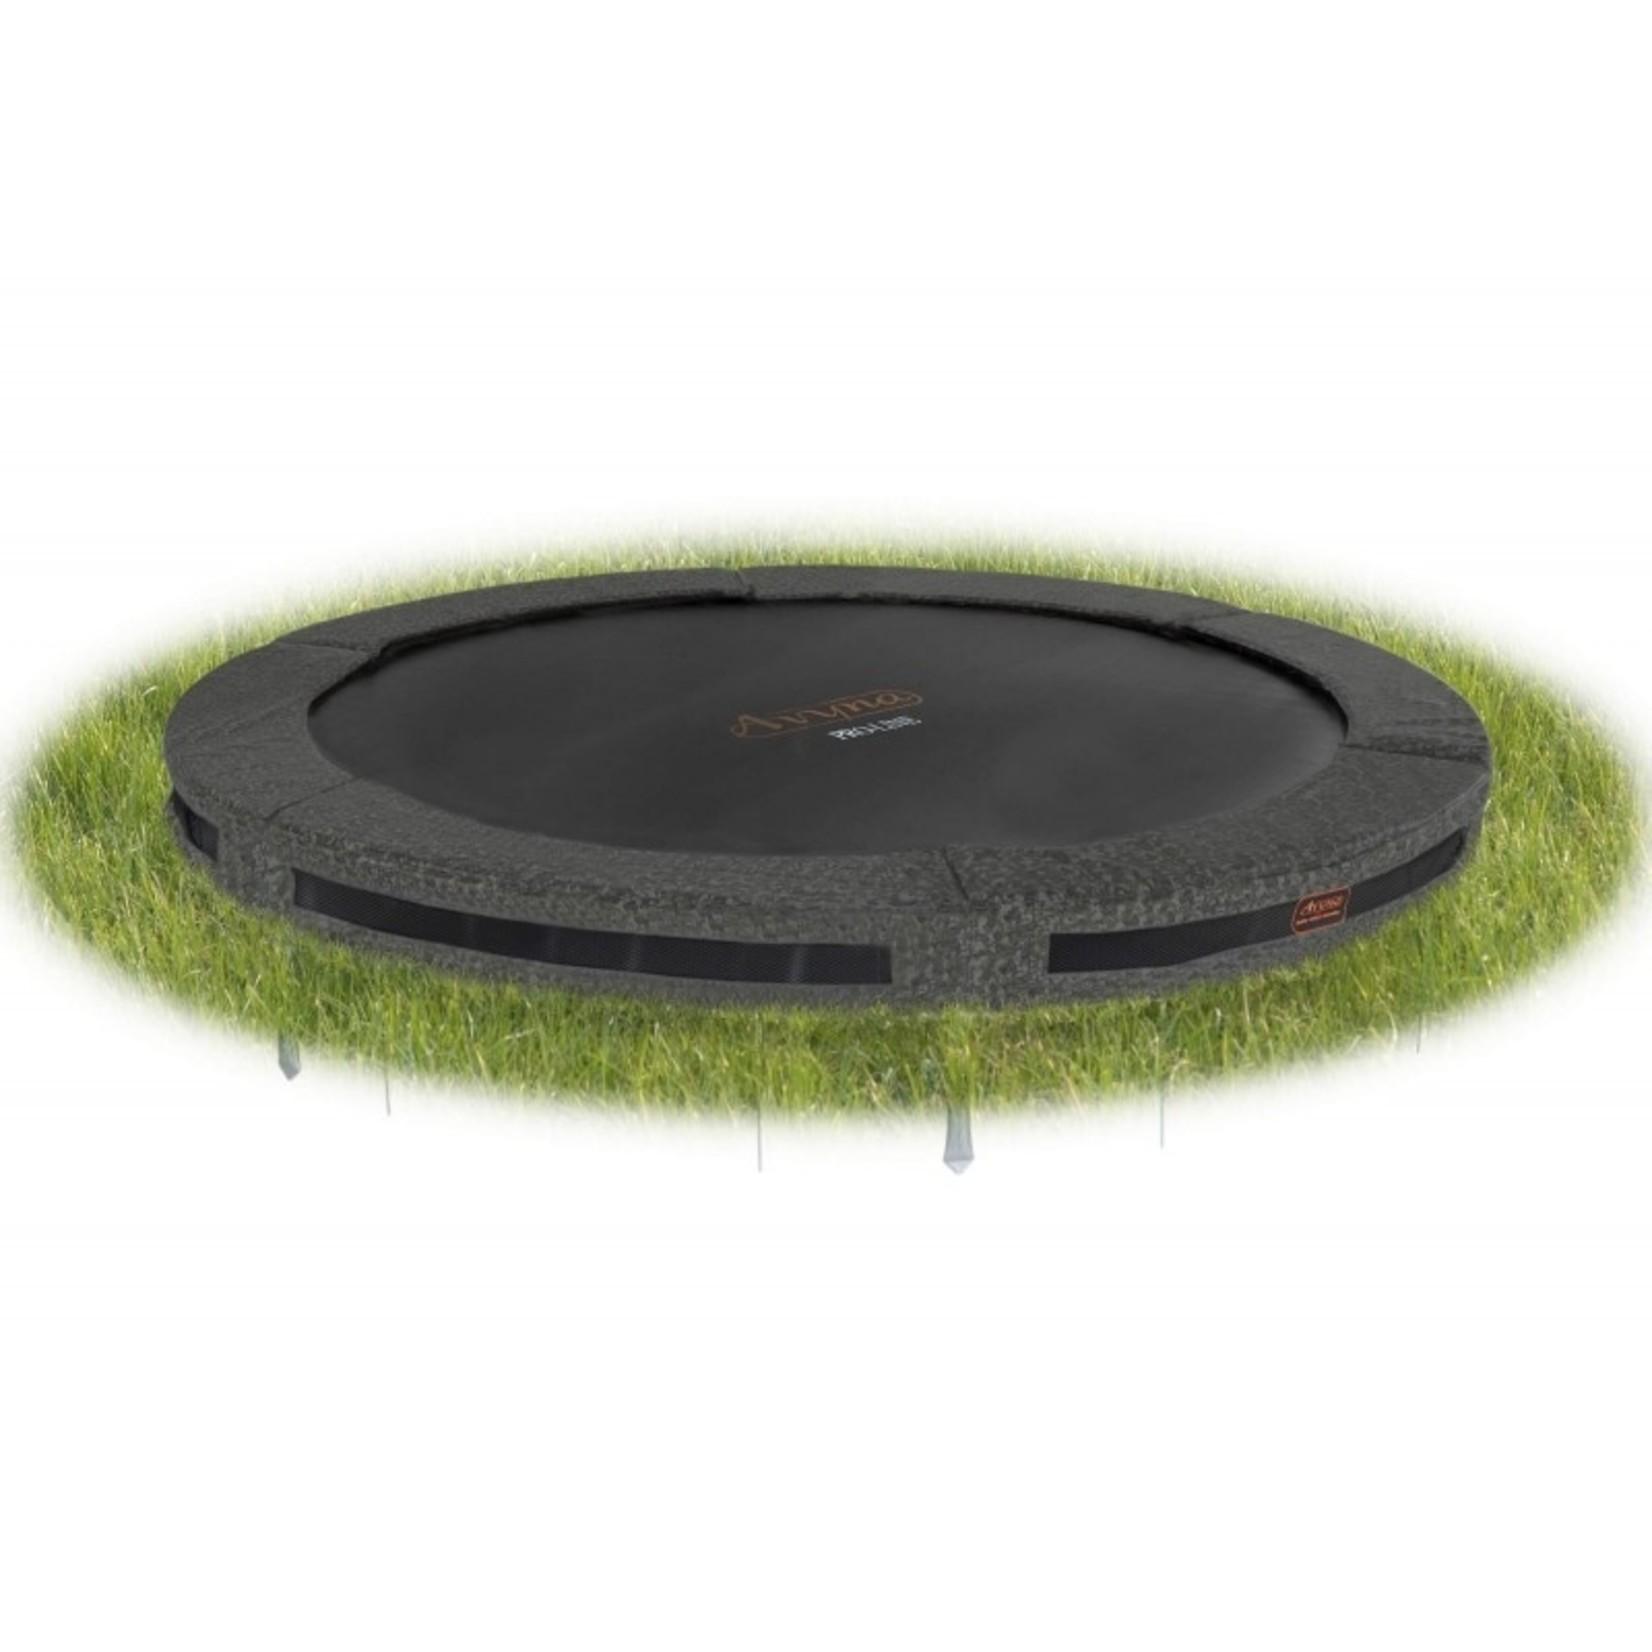 De ideale ronde trampoline voor in de grond, Inground : de Avyna Pro-Line van Ø 305 cm